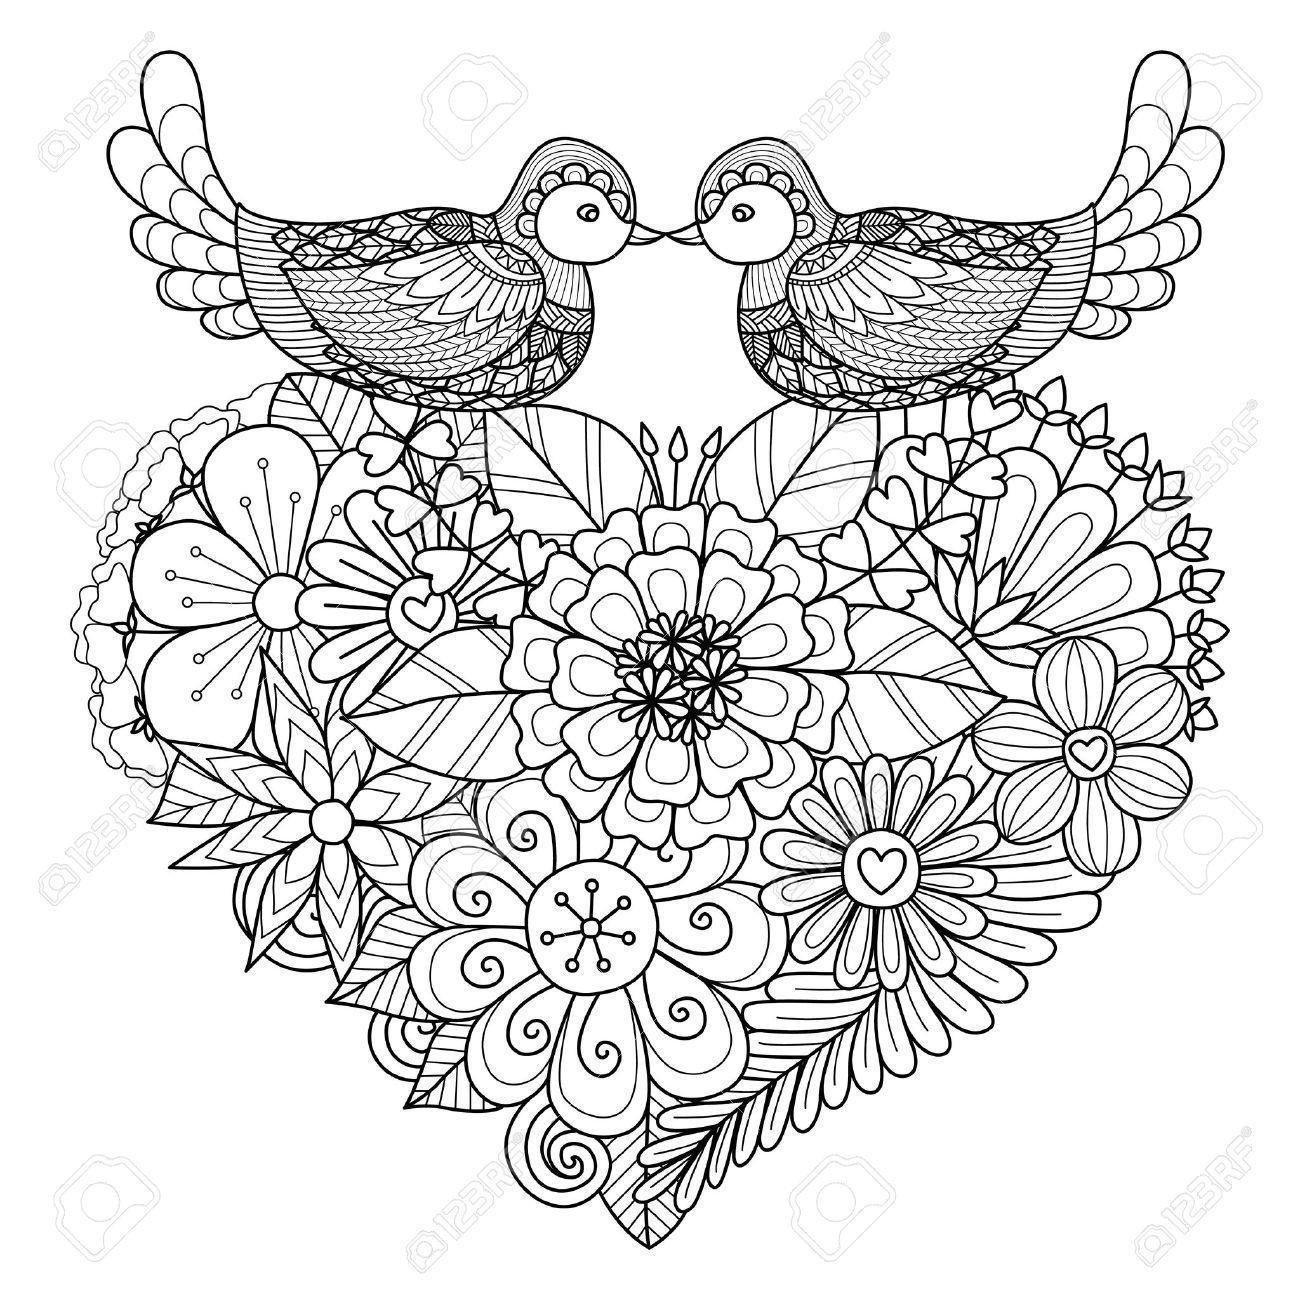 Kleurplaten Bloemen En Hartjes.Twee Vogels Kussen Boven Bloemen Hart Vorm Nest Voor De Kleurplaat En Andere Decoraties